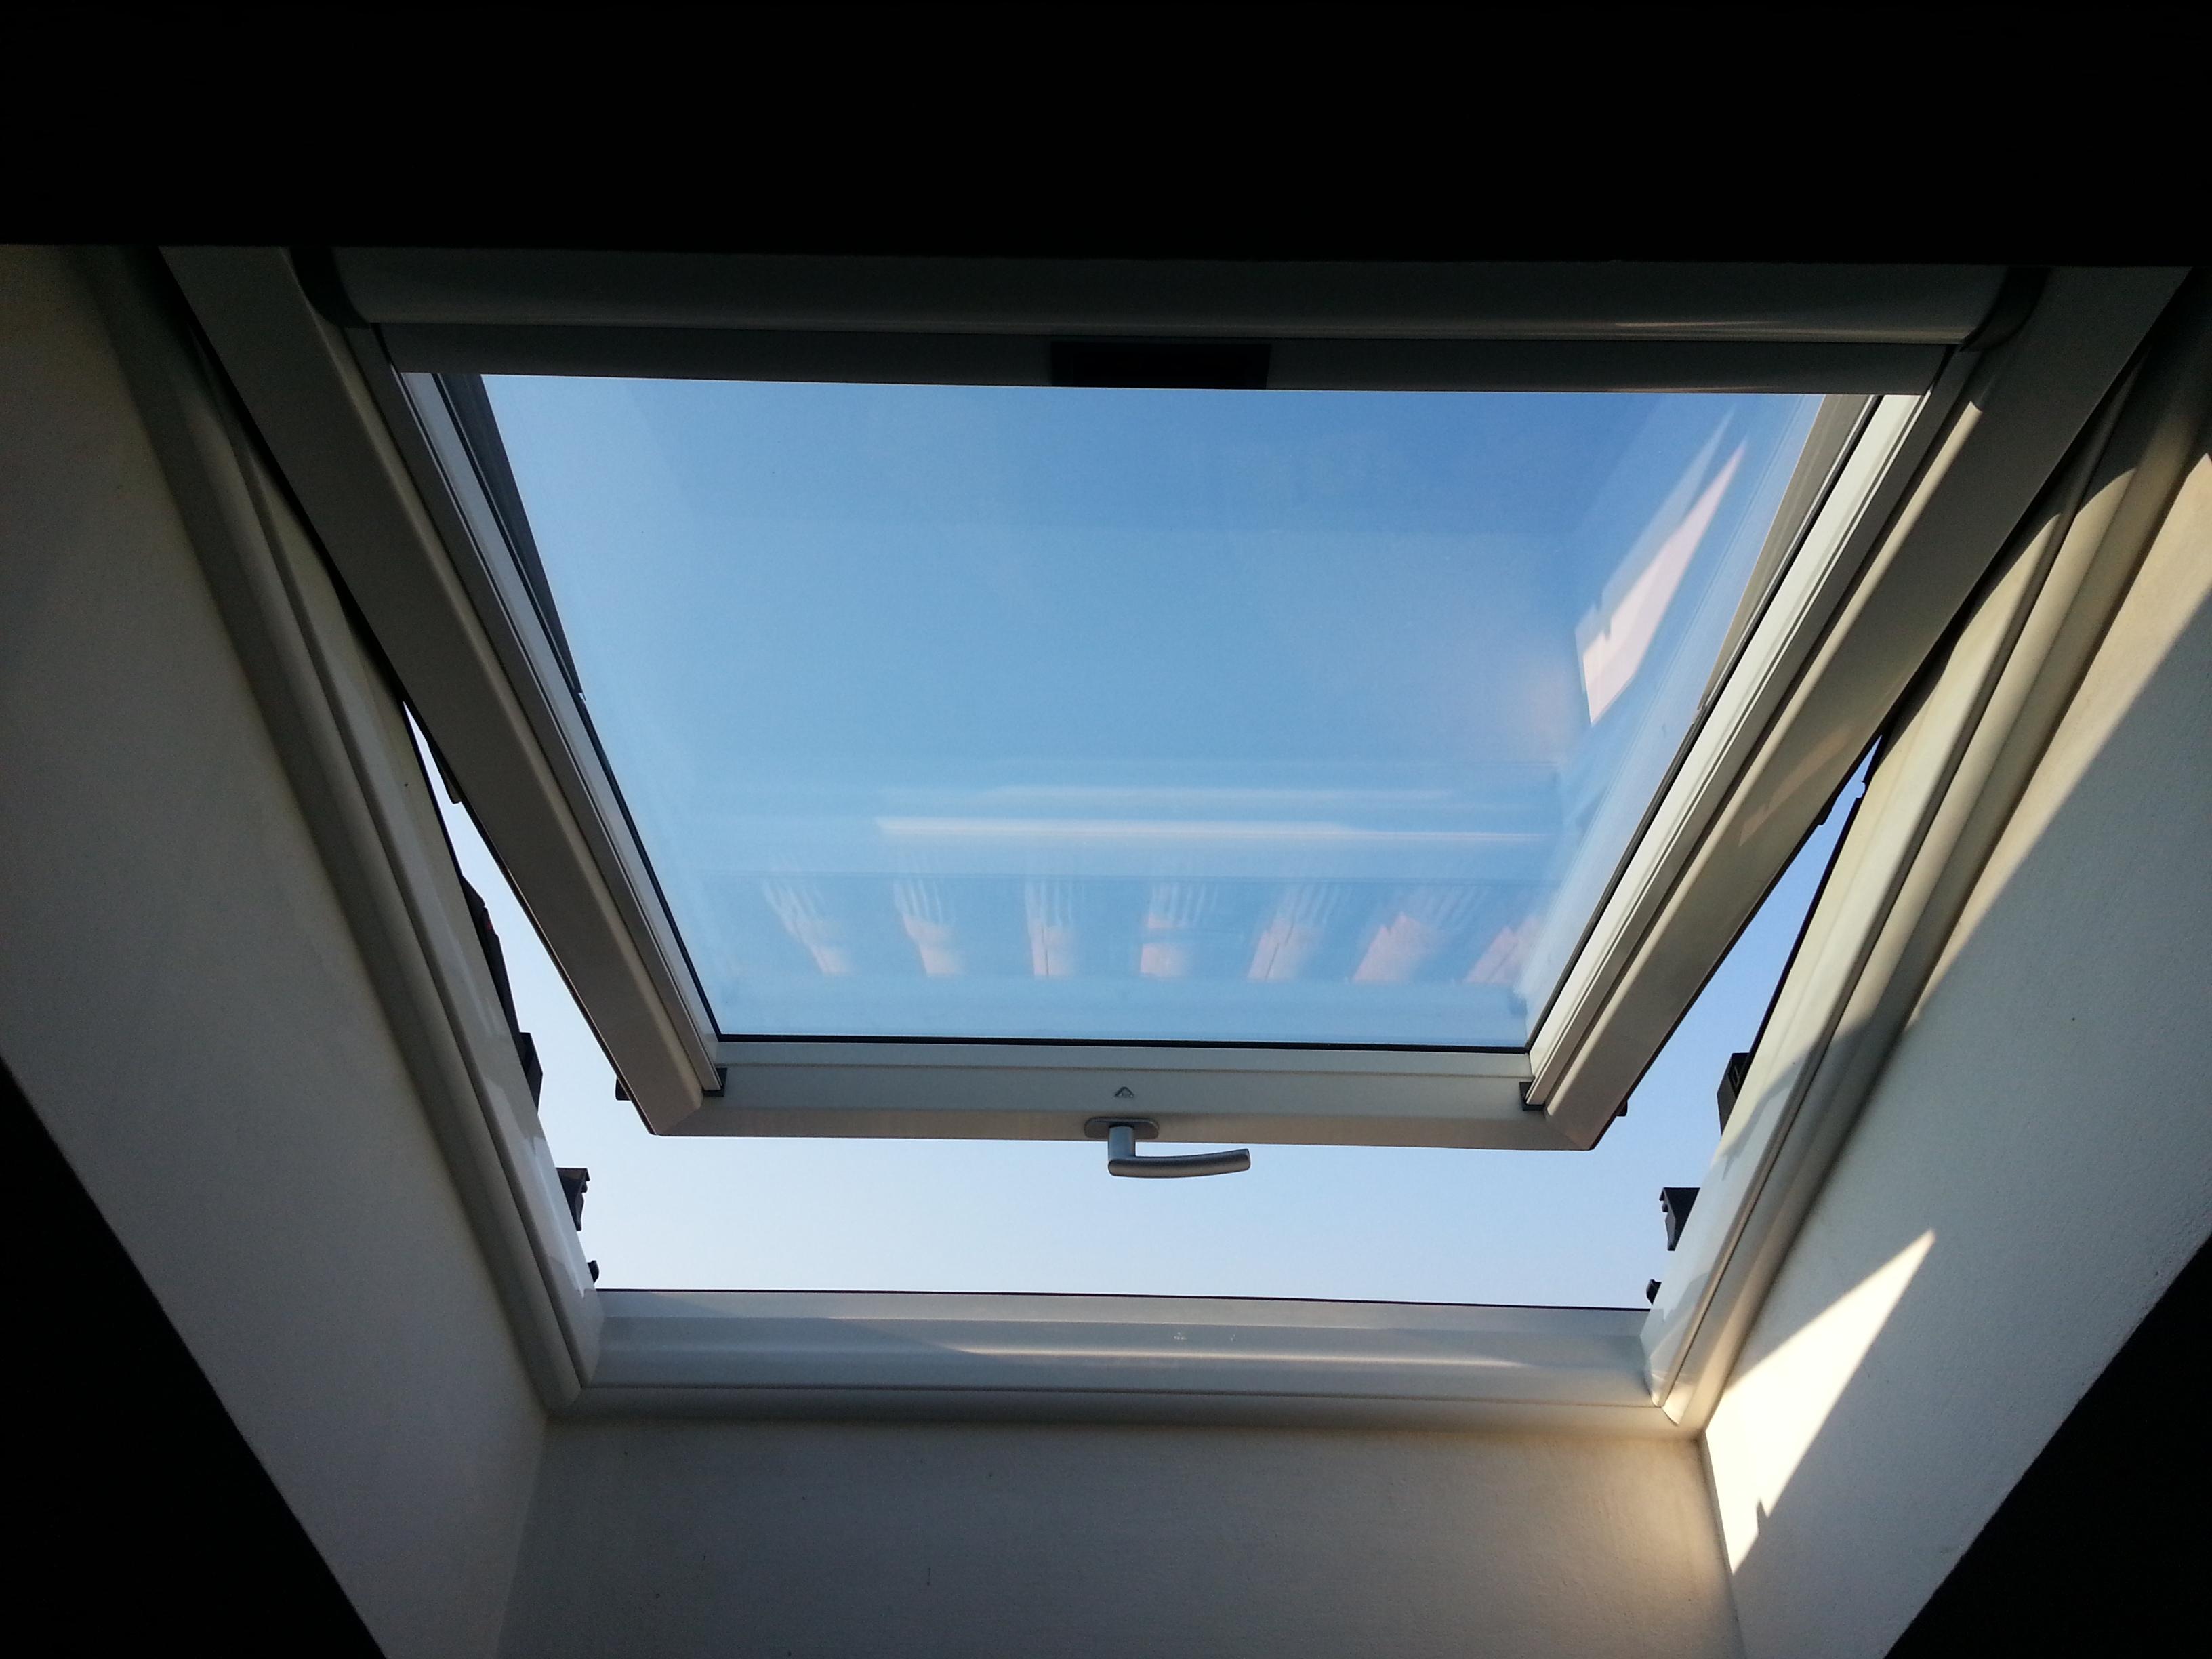 Avigliana finestre da tetto roto diatribe porte e finestre for Roto finestre da tetto